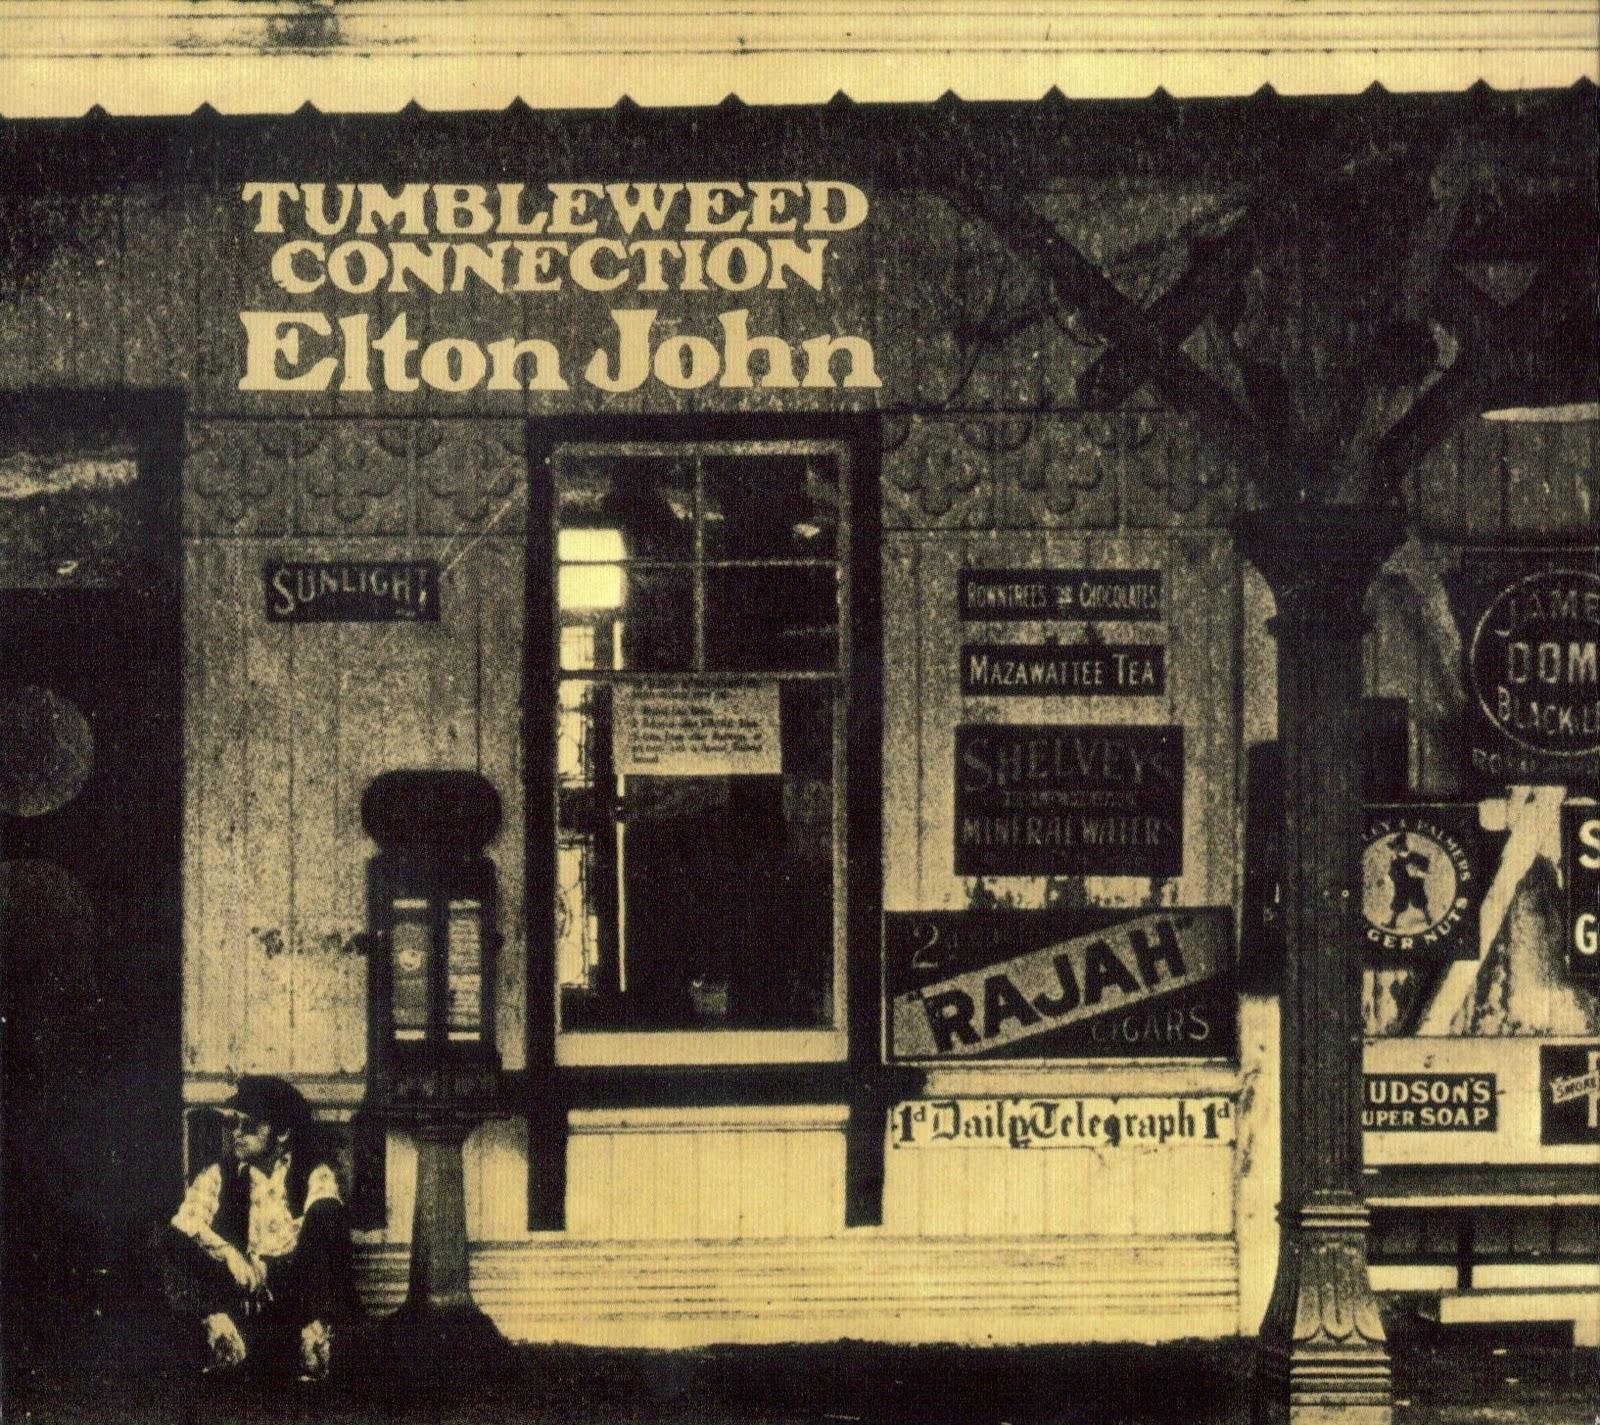 Musicotherapia Elton John Tumbleweed Connection 1970